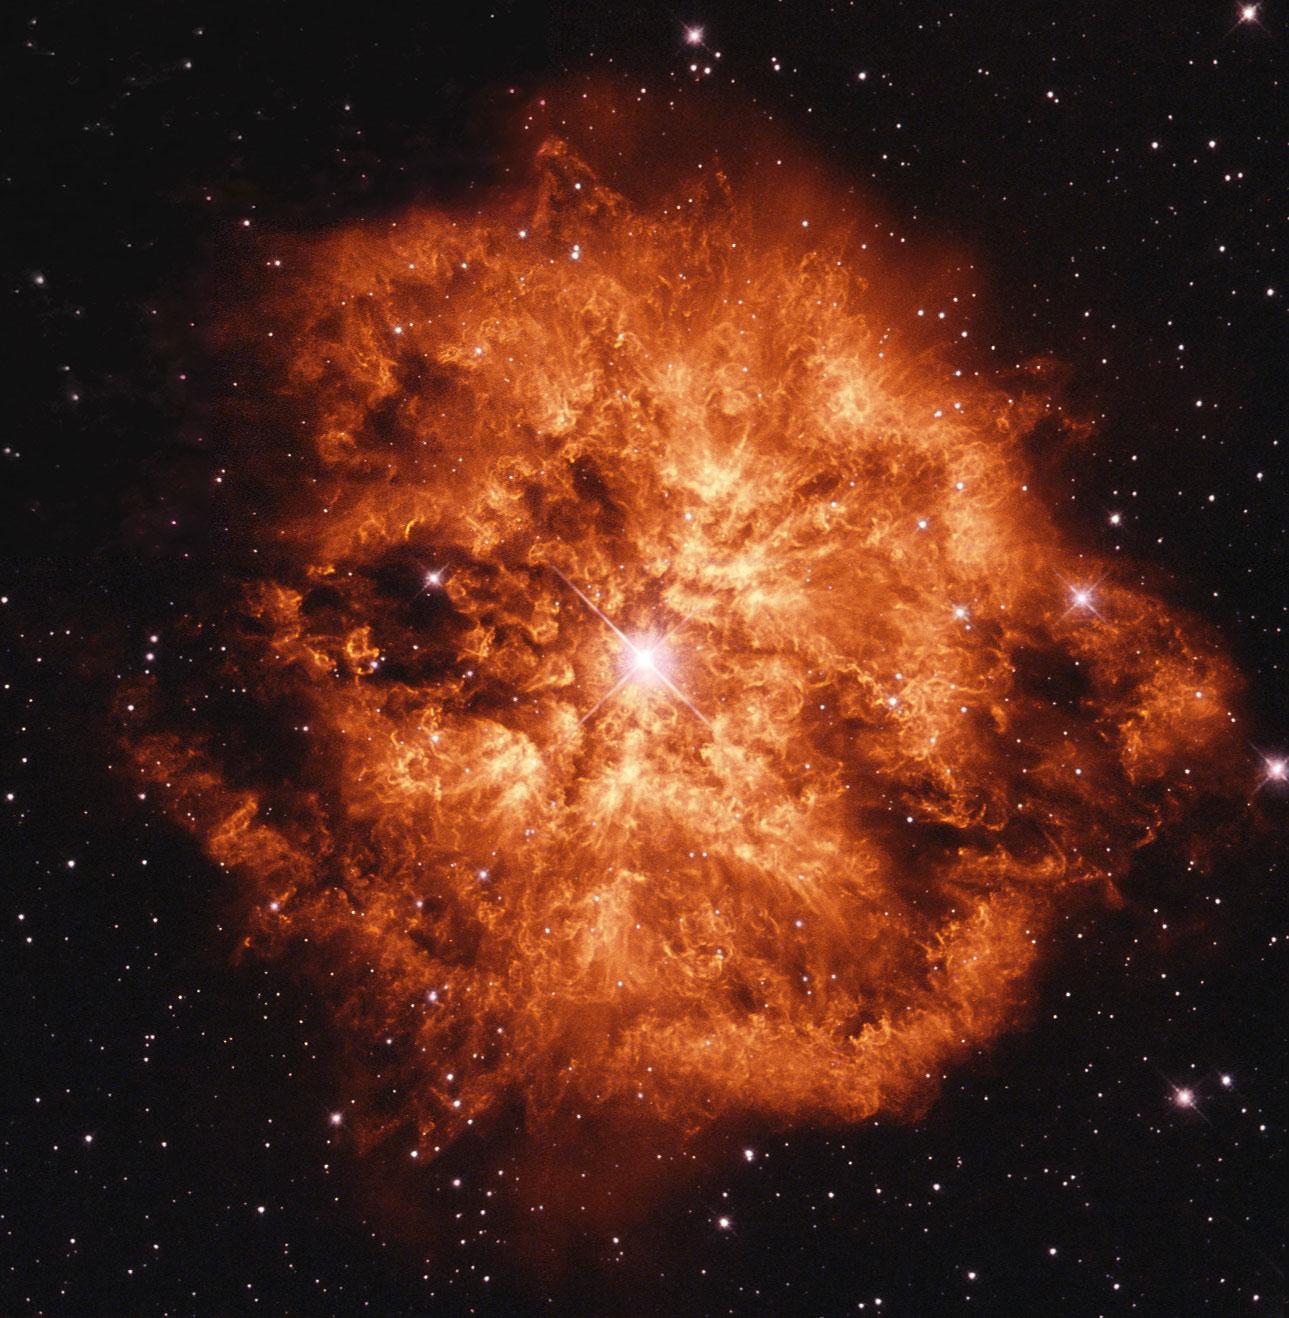 いて座のウォルフ・ライエ星と惑星状星雲M1-61_d0063814_13054656.jpg